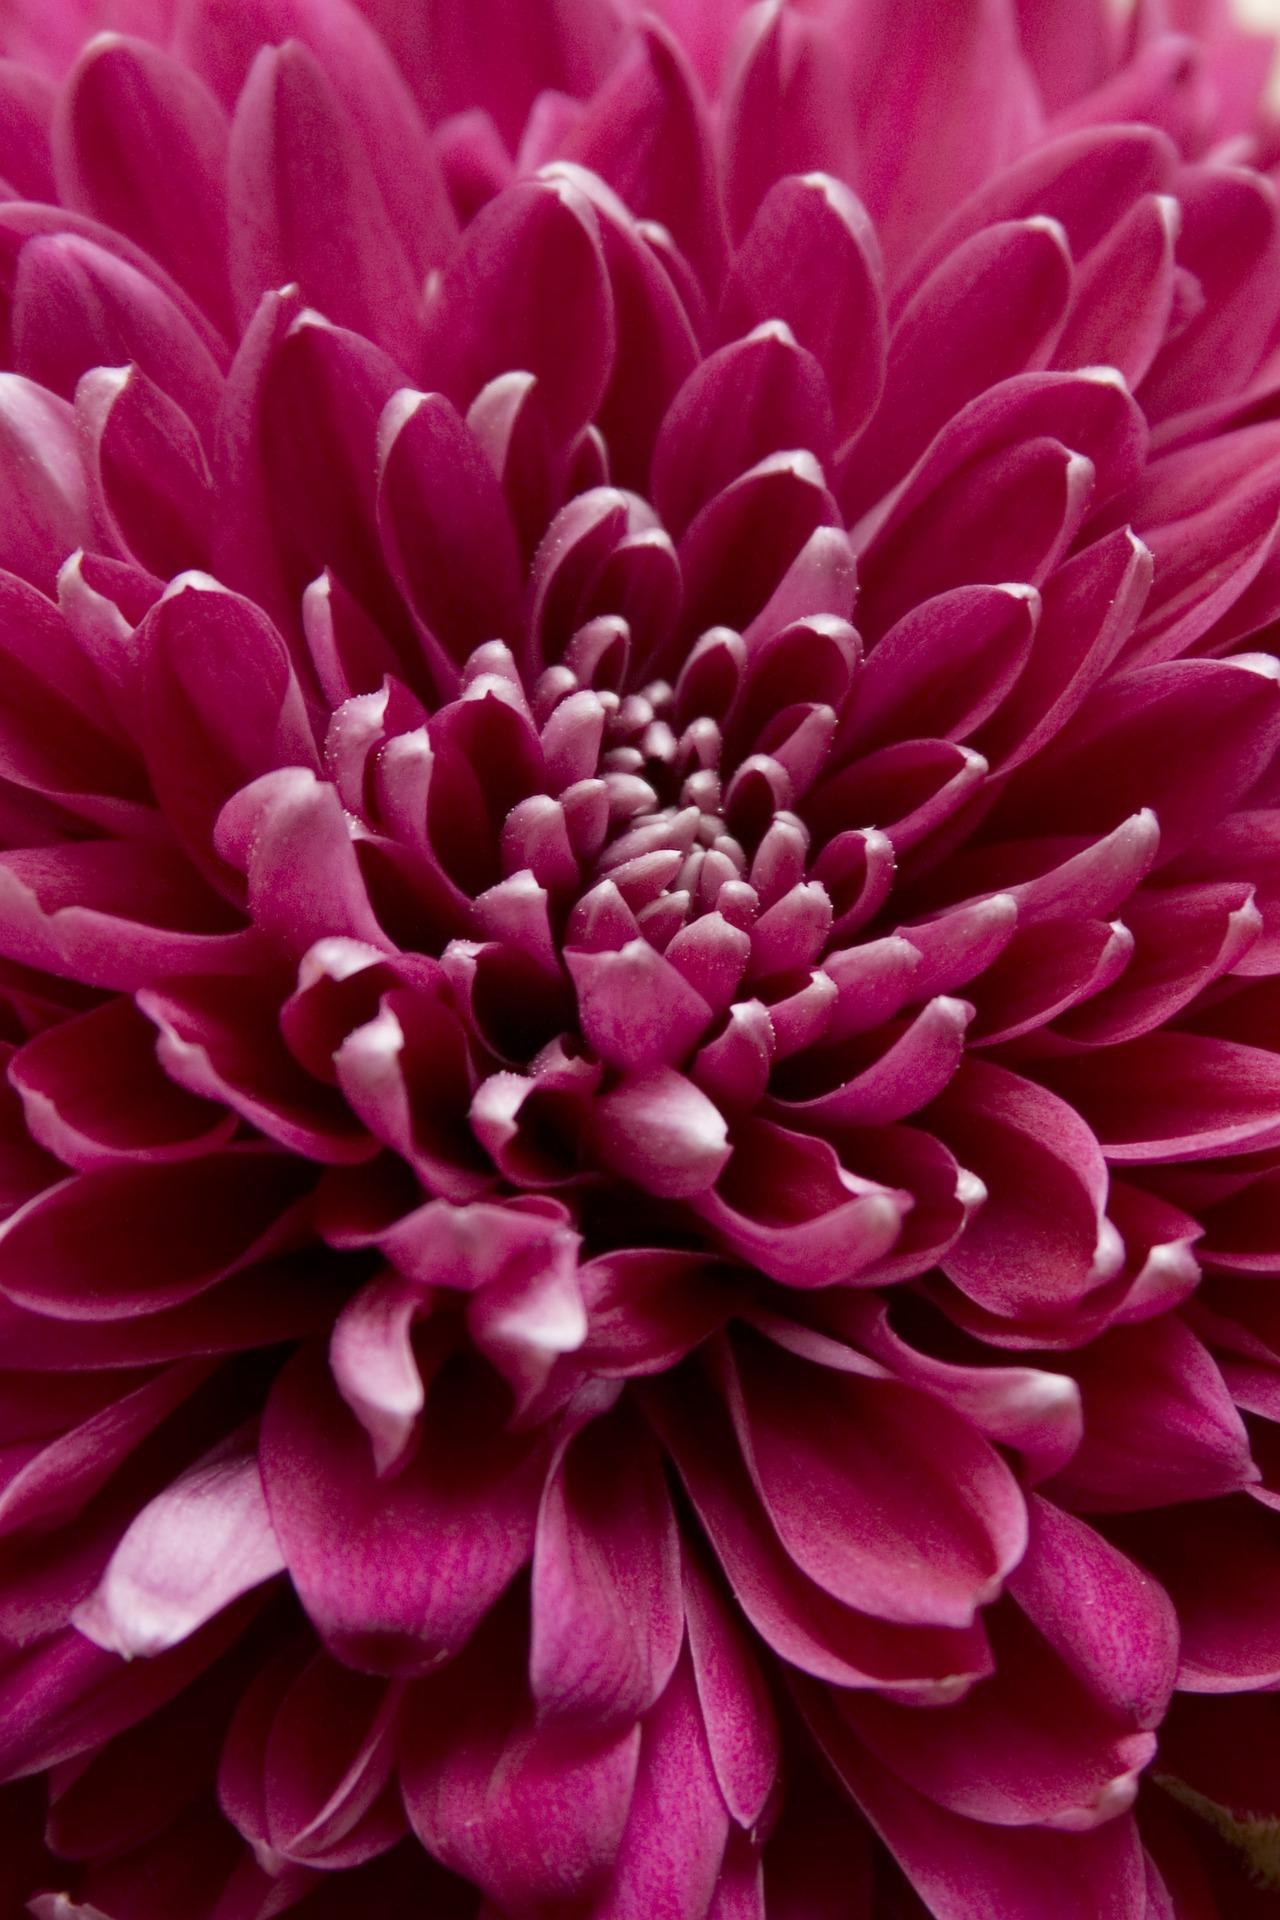 хризантемы фото 17